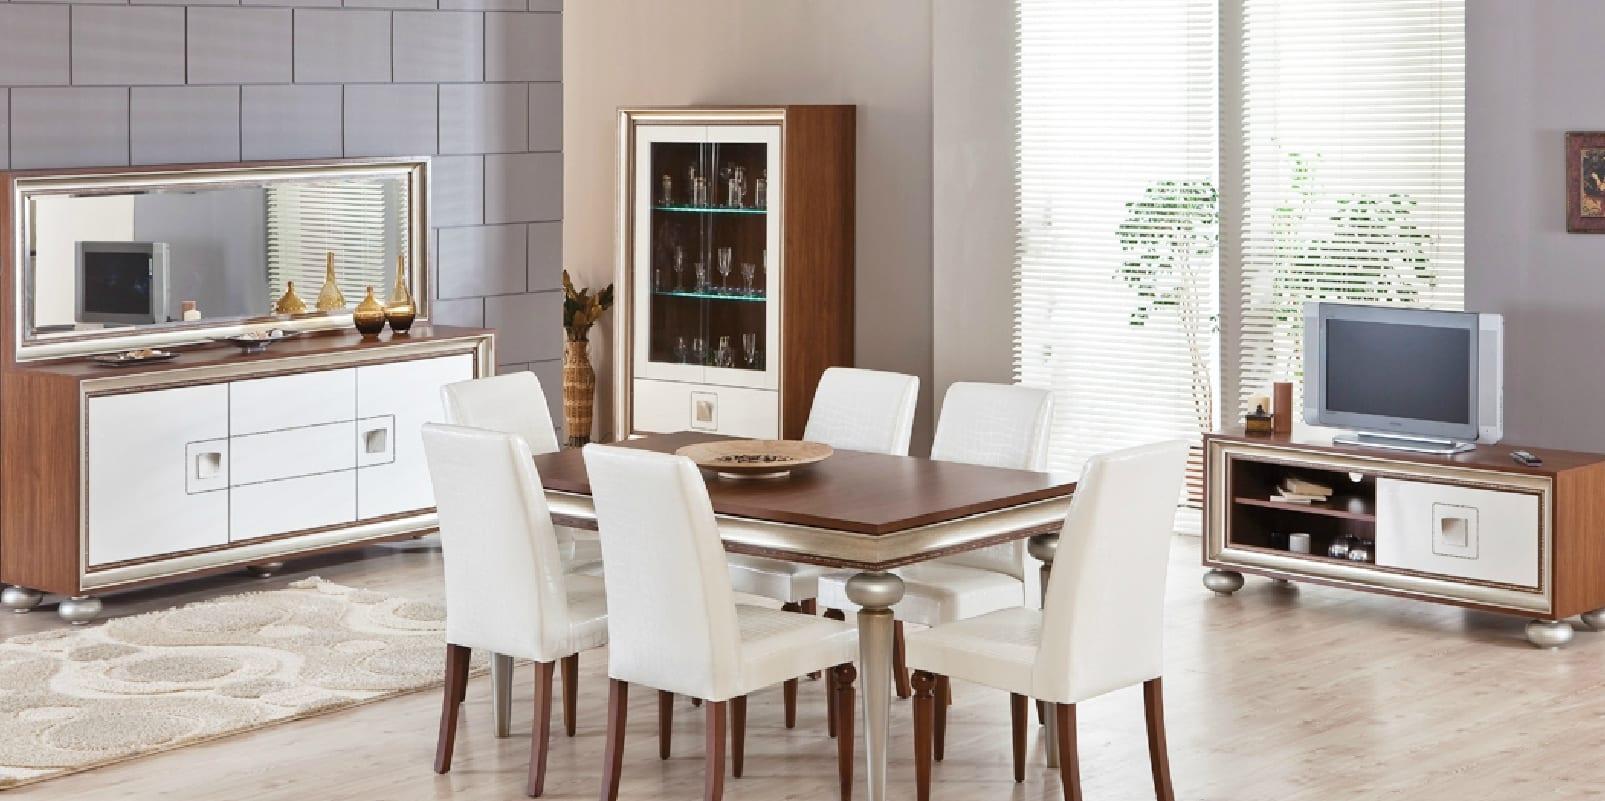 ALDORA modern yemek odasi modelleri